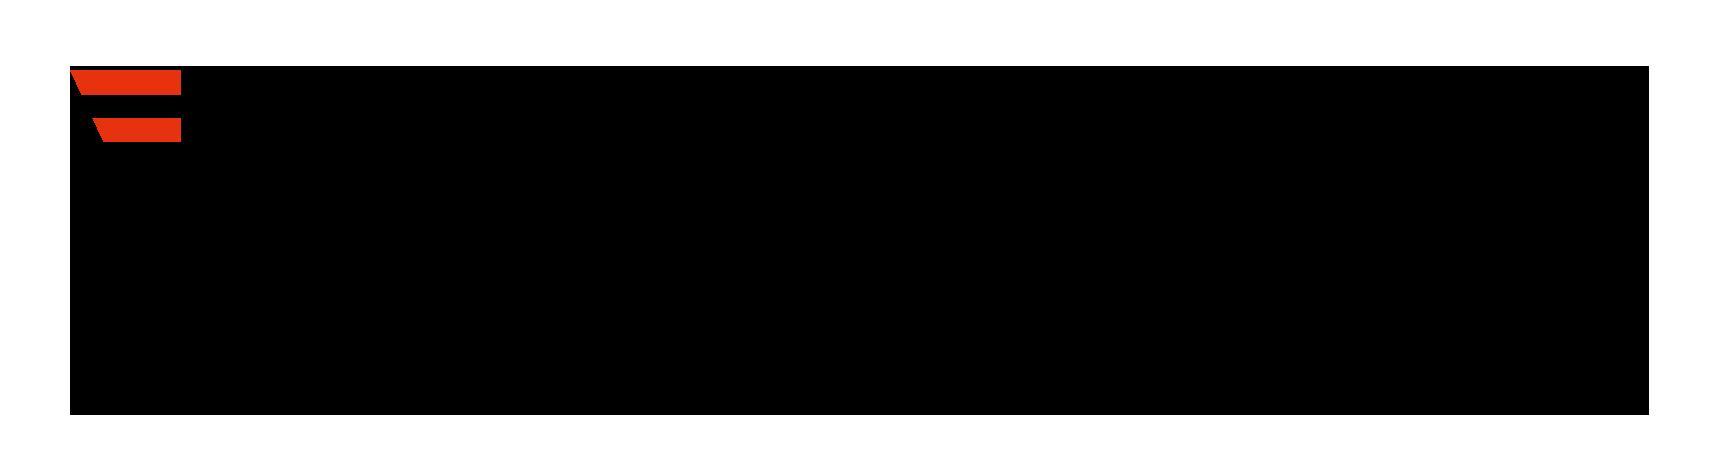 Logo Bundesministerium Kunst Kultur öffentlicher Dienst und Sport